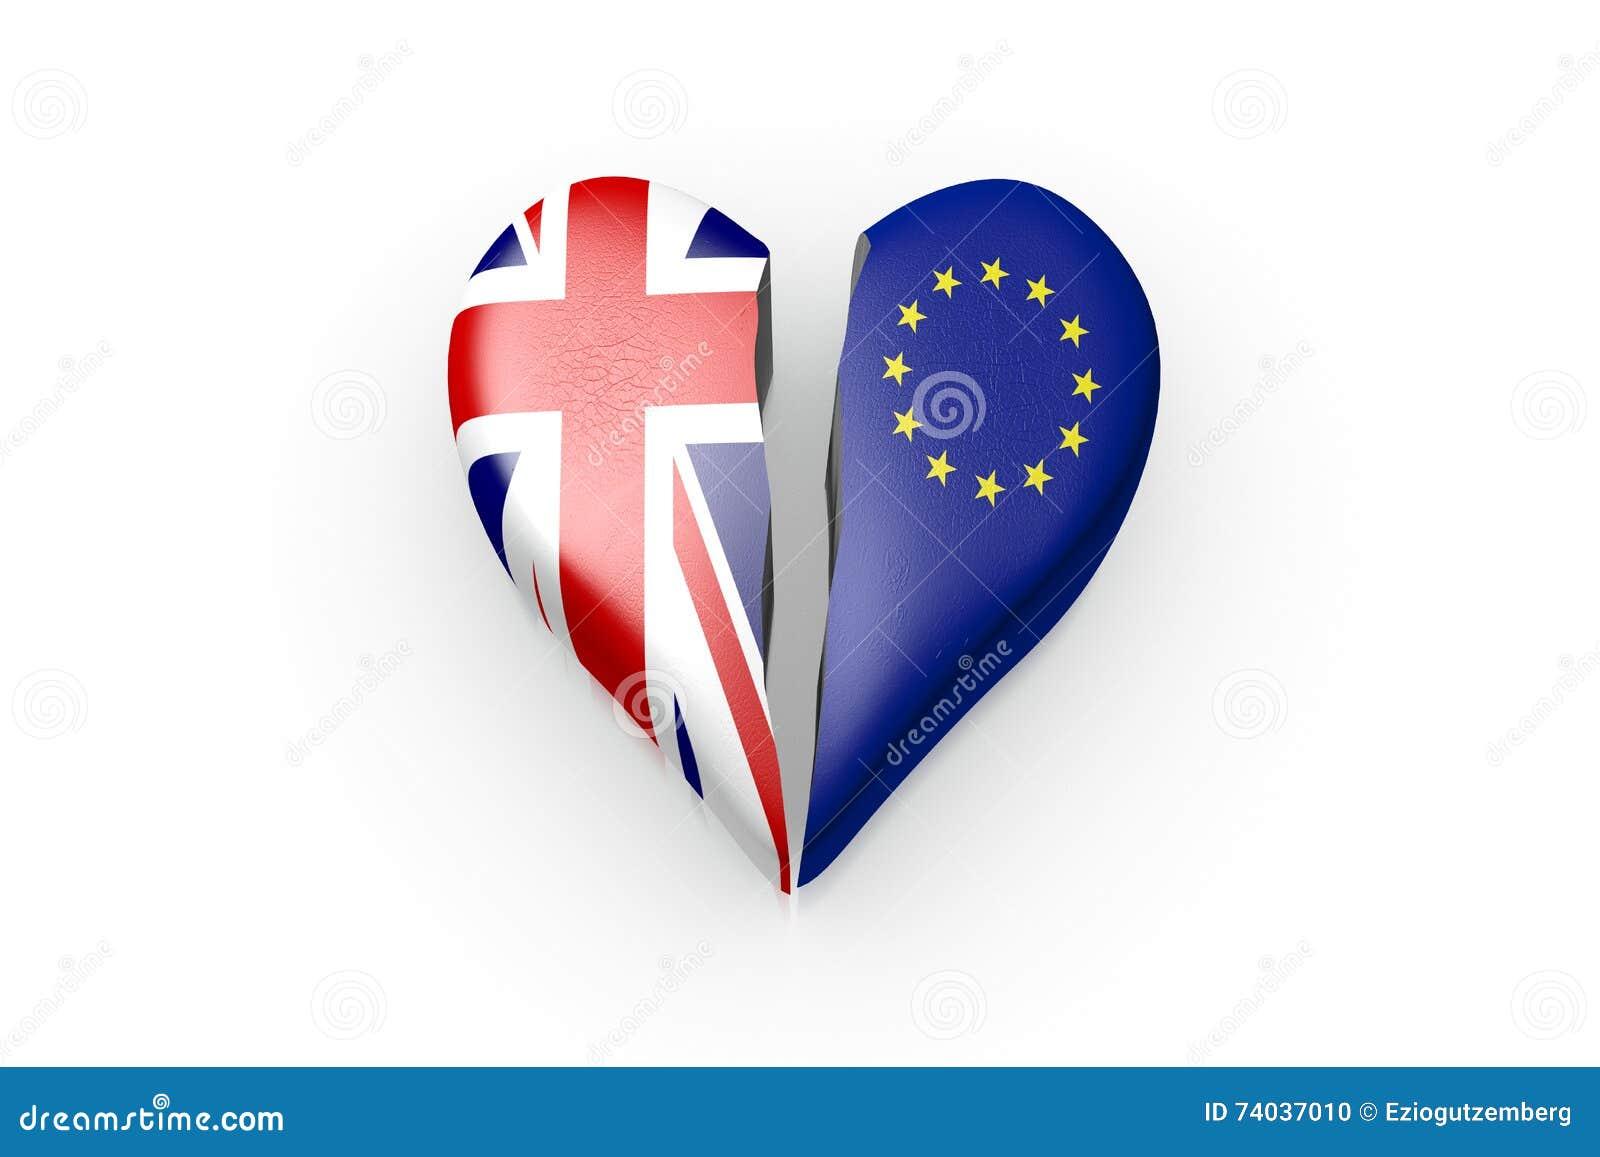 Brexit, simbolo del referendum Regno Unito contro l UE